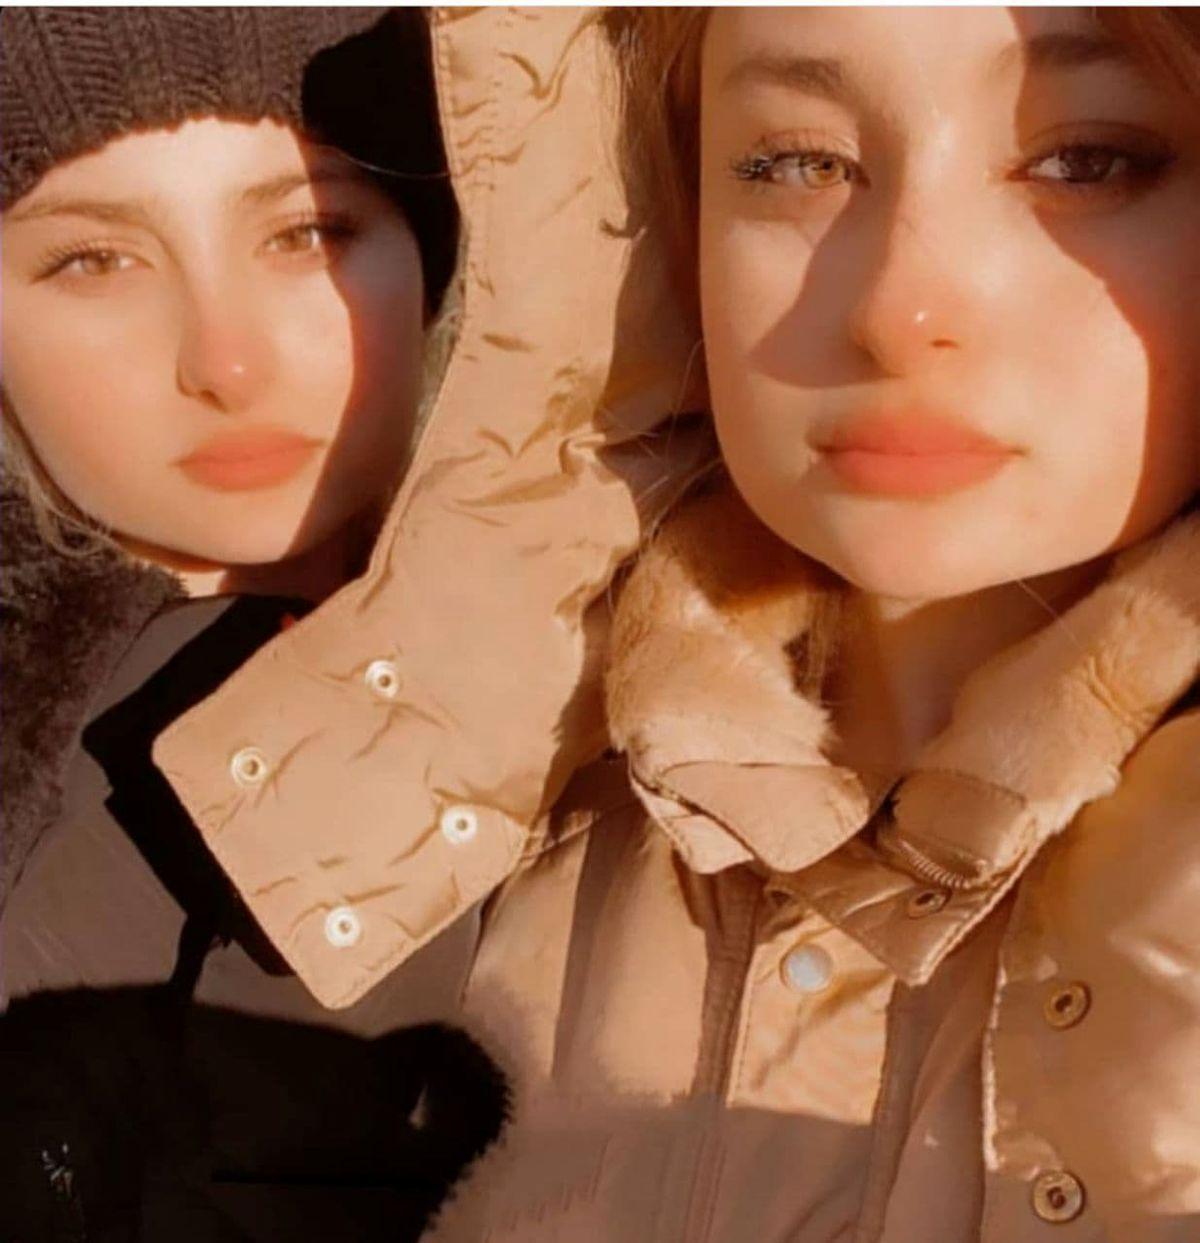 فیلم لورفته از رقص سارا و نیکا در ماشین + فیلم